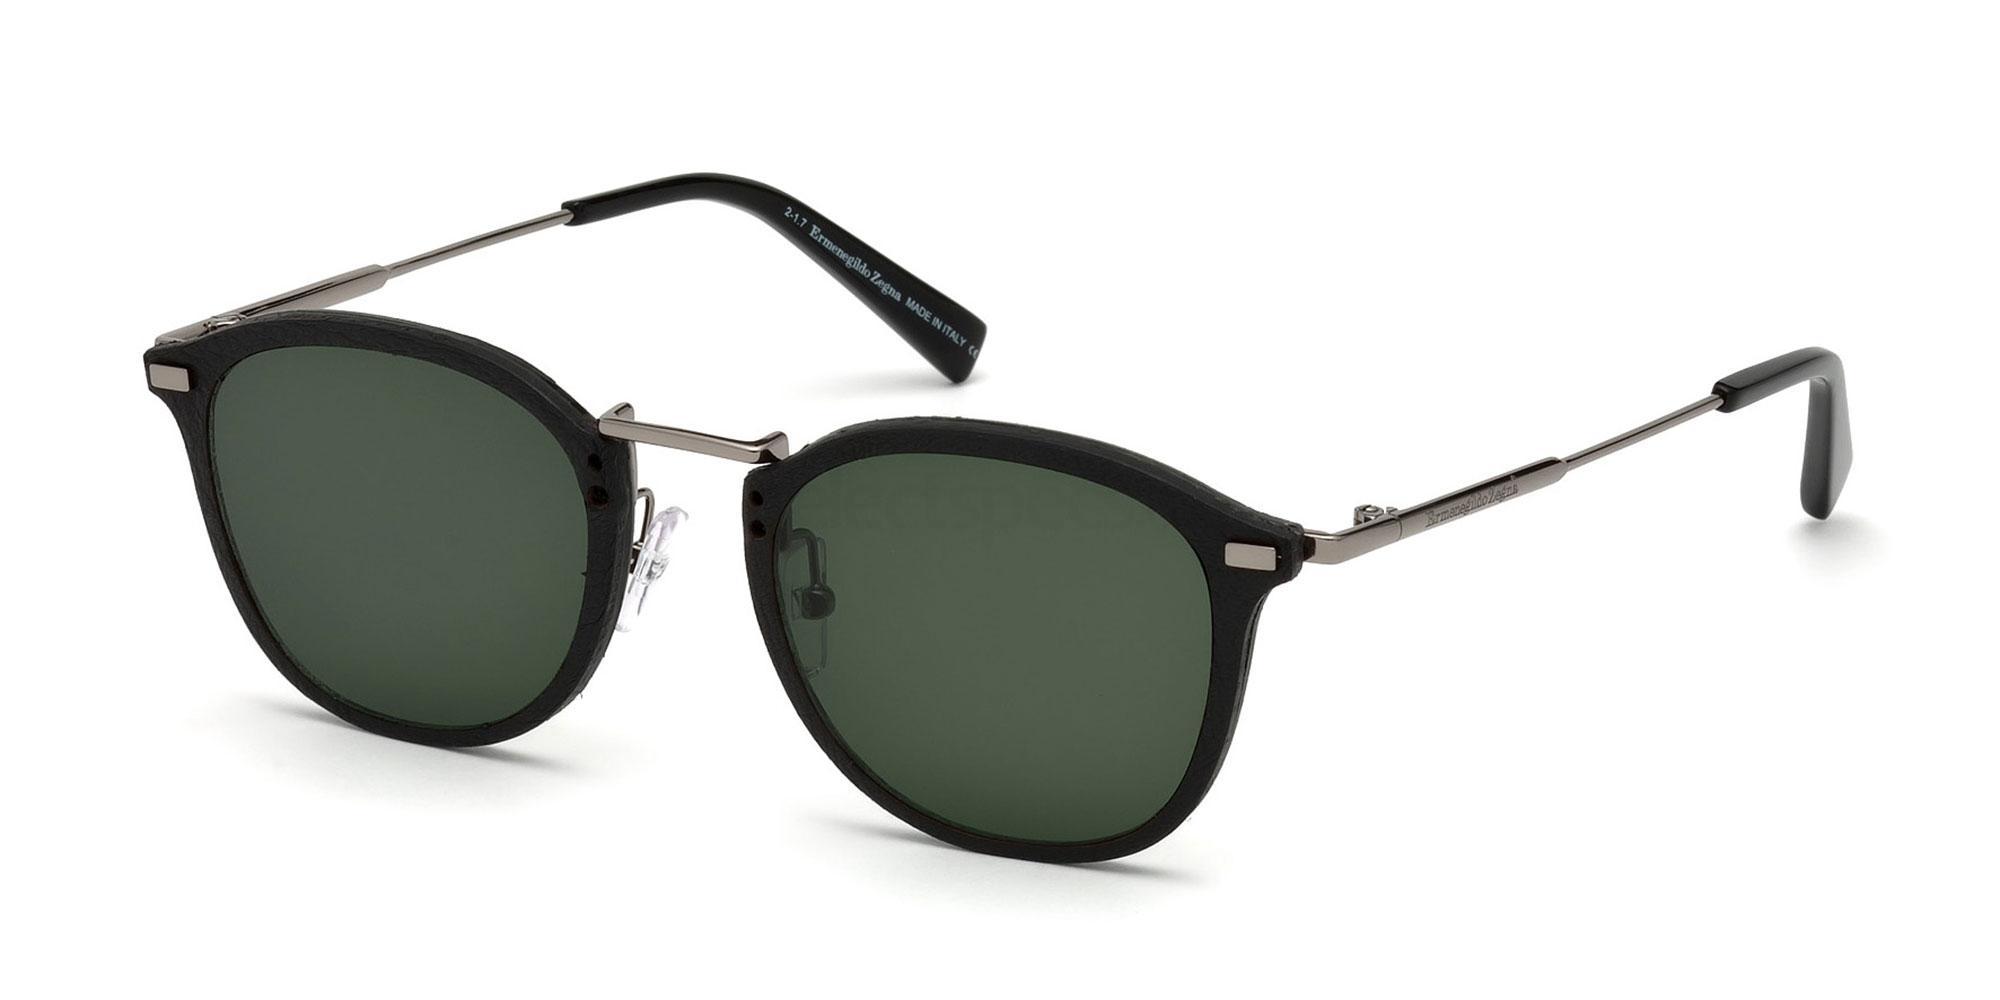 12N EZ0097 Sunglasses, Ermenegildo Zegna